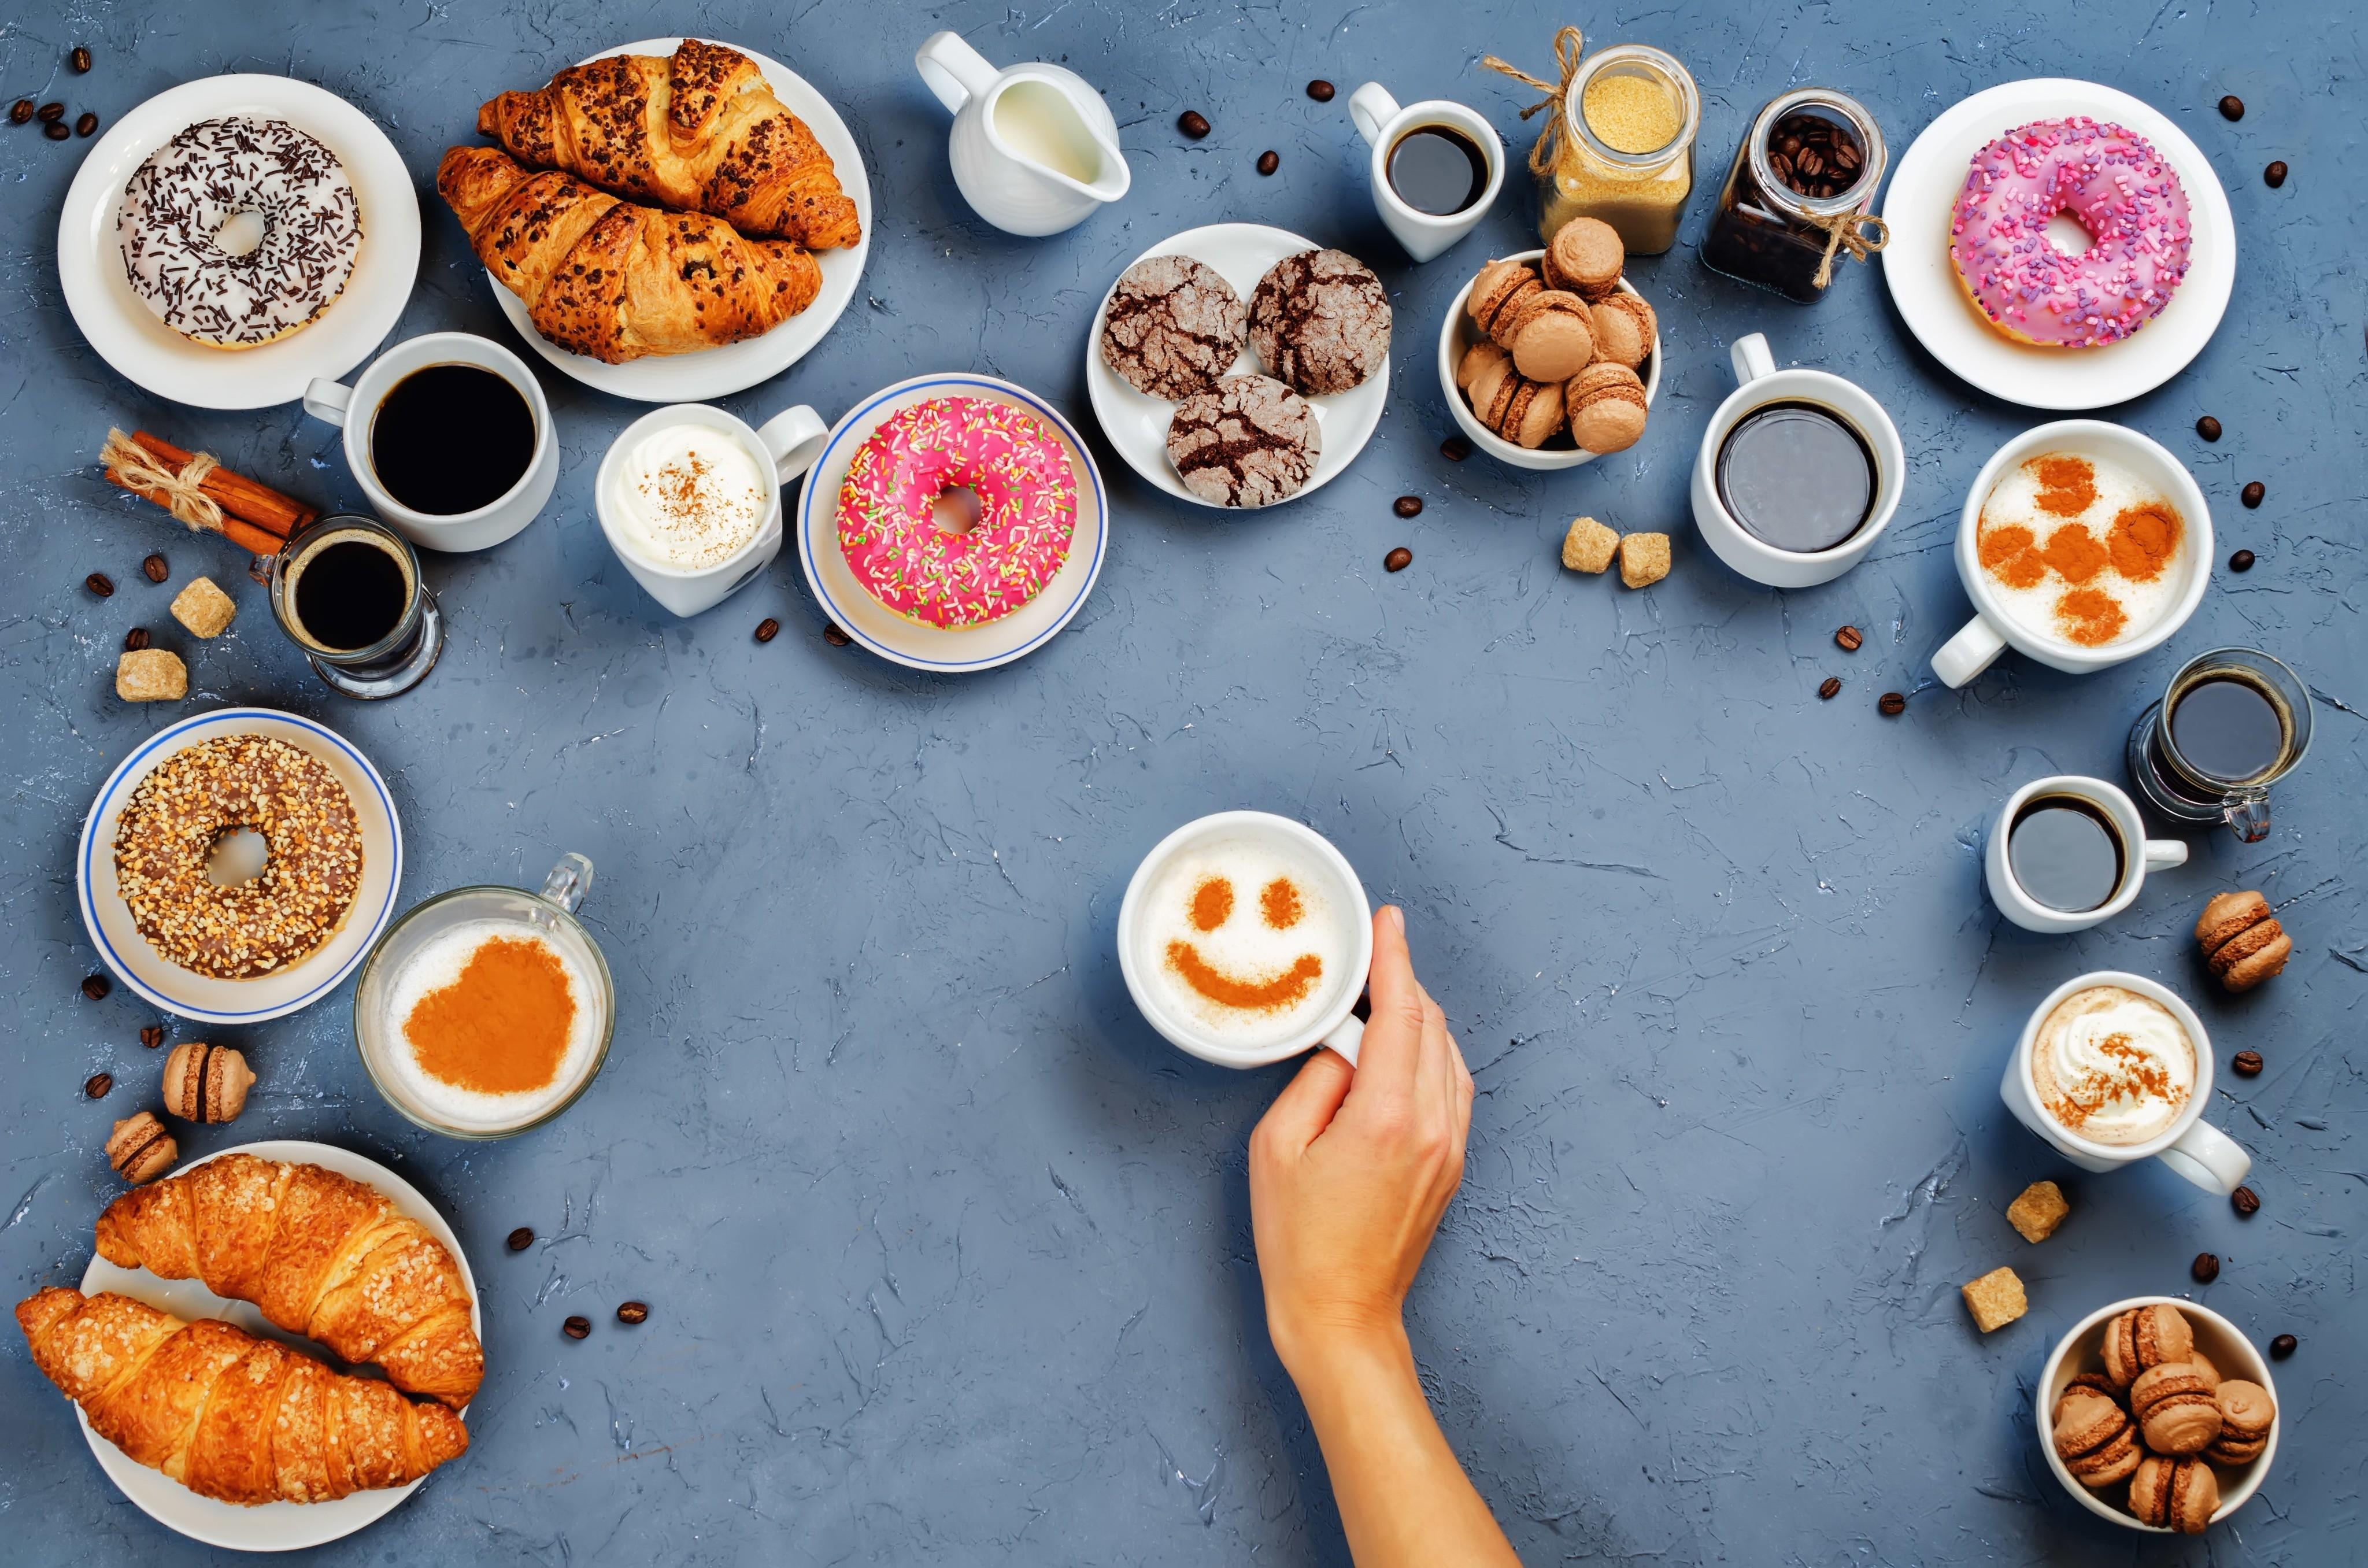 С чем вкуснее всего пить капучино и эспрессо? Топ-5 продуктов